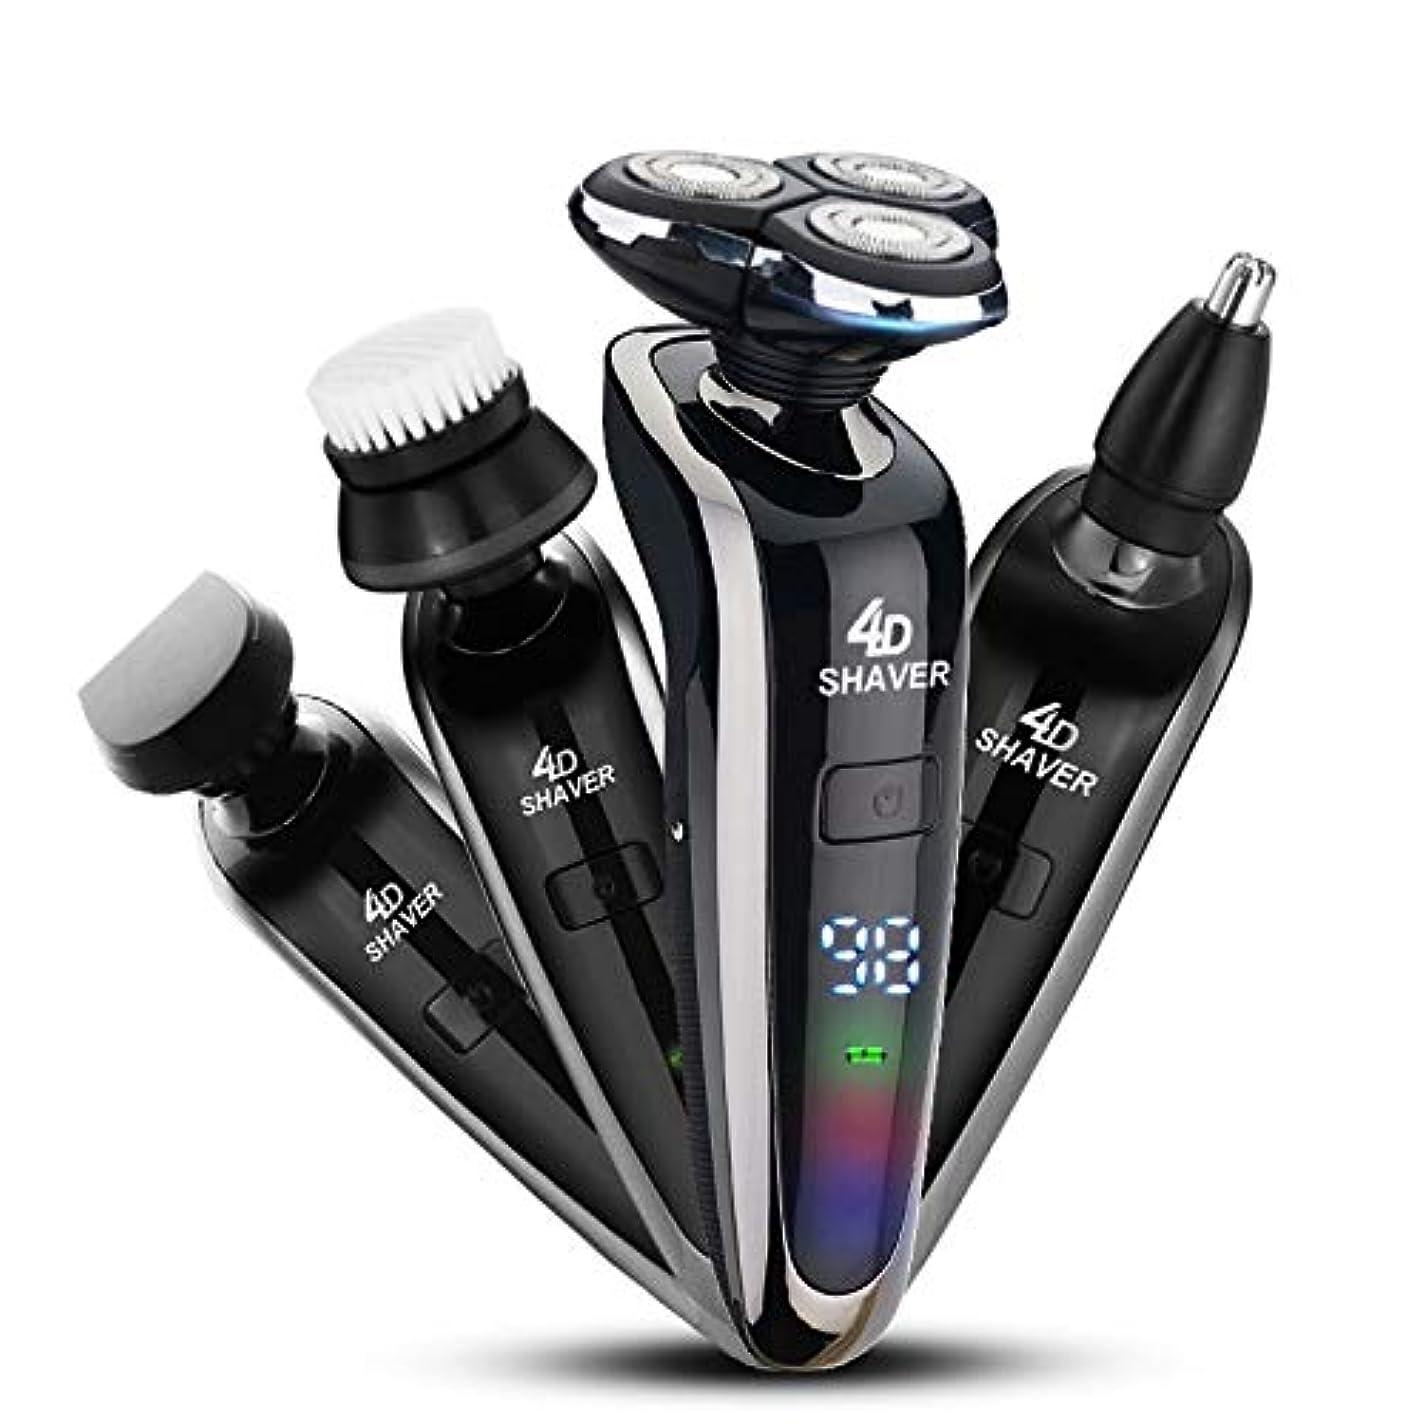 資金汗合図メンズ電気シェーバー 3枚刃 4 in 1髭剃り USB充電式 LEDディスプレイー お風呂剃り可能 トリマーと鼻毛カッター 洗顔ブラシ付き 防水仕様IPX基準 本体丸洗い可能